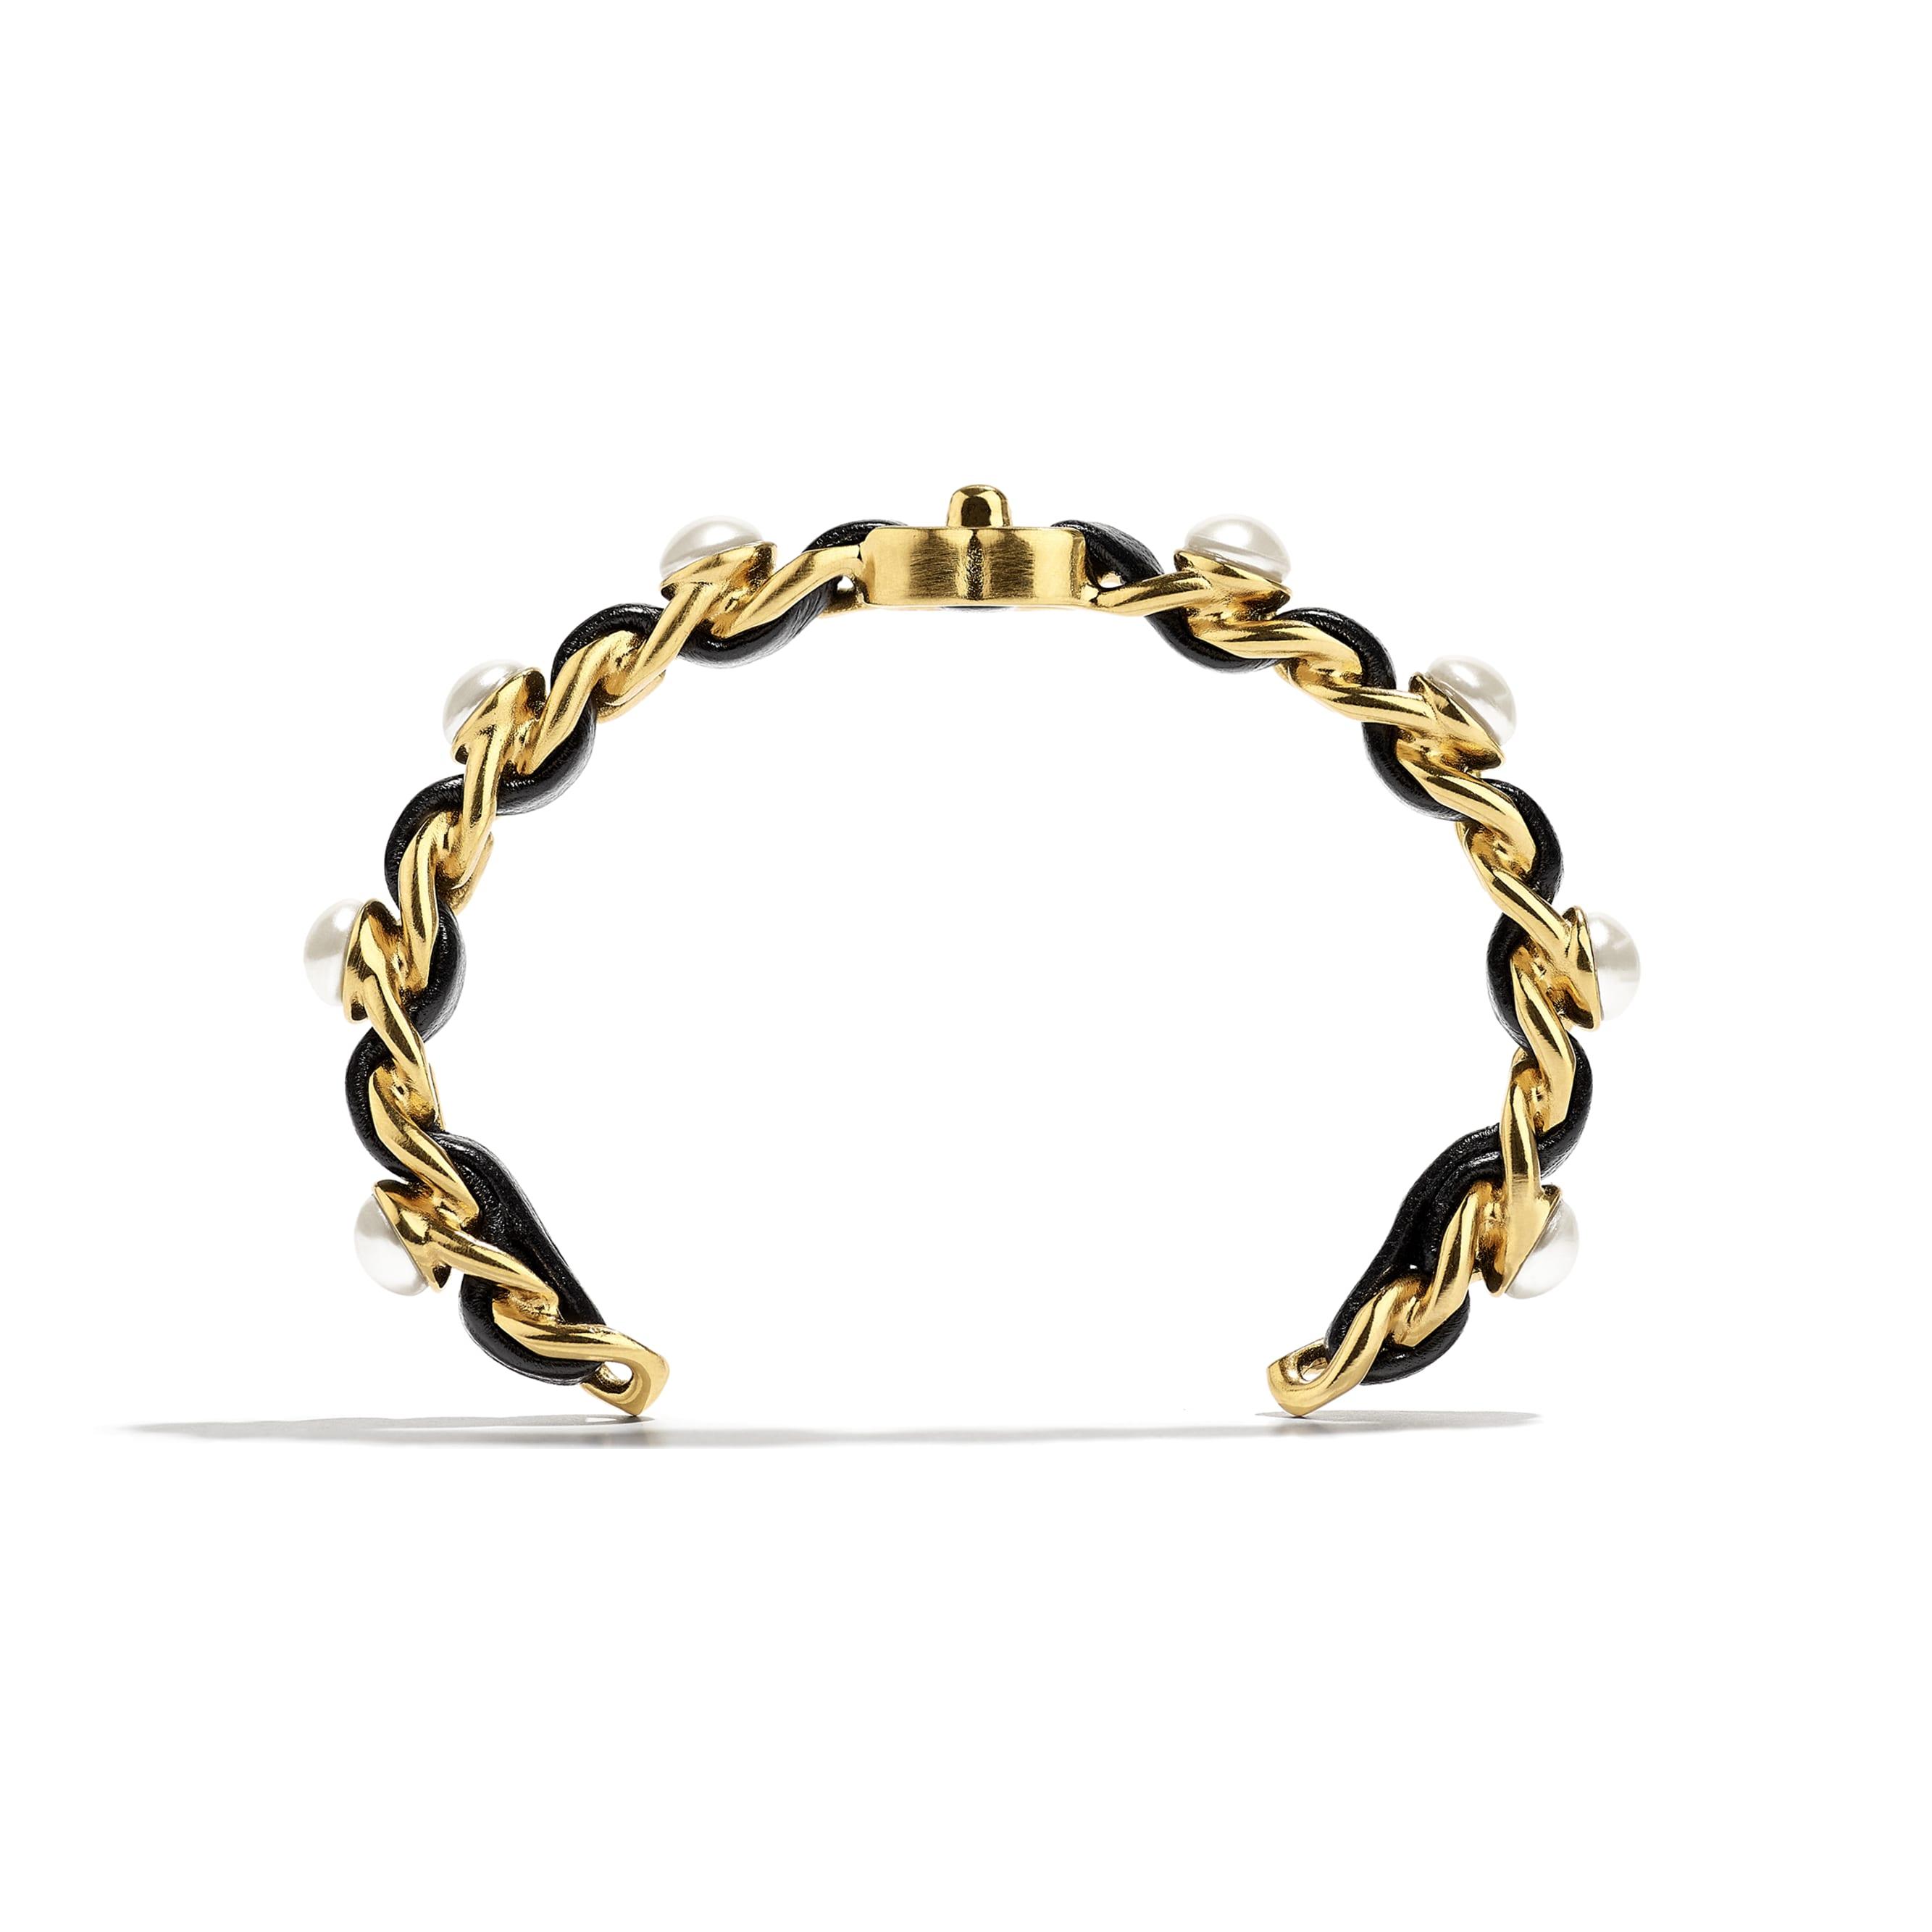 Bransoletka mankietowa - Kolor złoty, perłowobiały i czarny - Metal, szklane perły i skóra jagnięca - CHANEL - Widok alternatywny – zobacz w standardowym rozmiarze